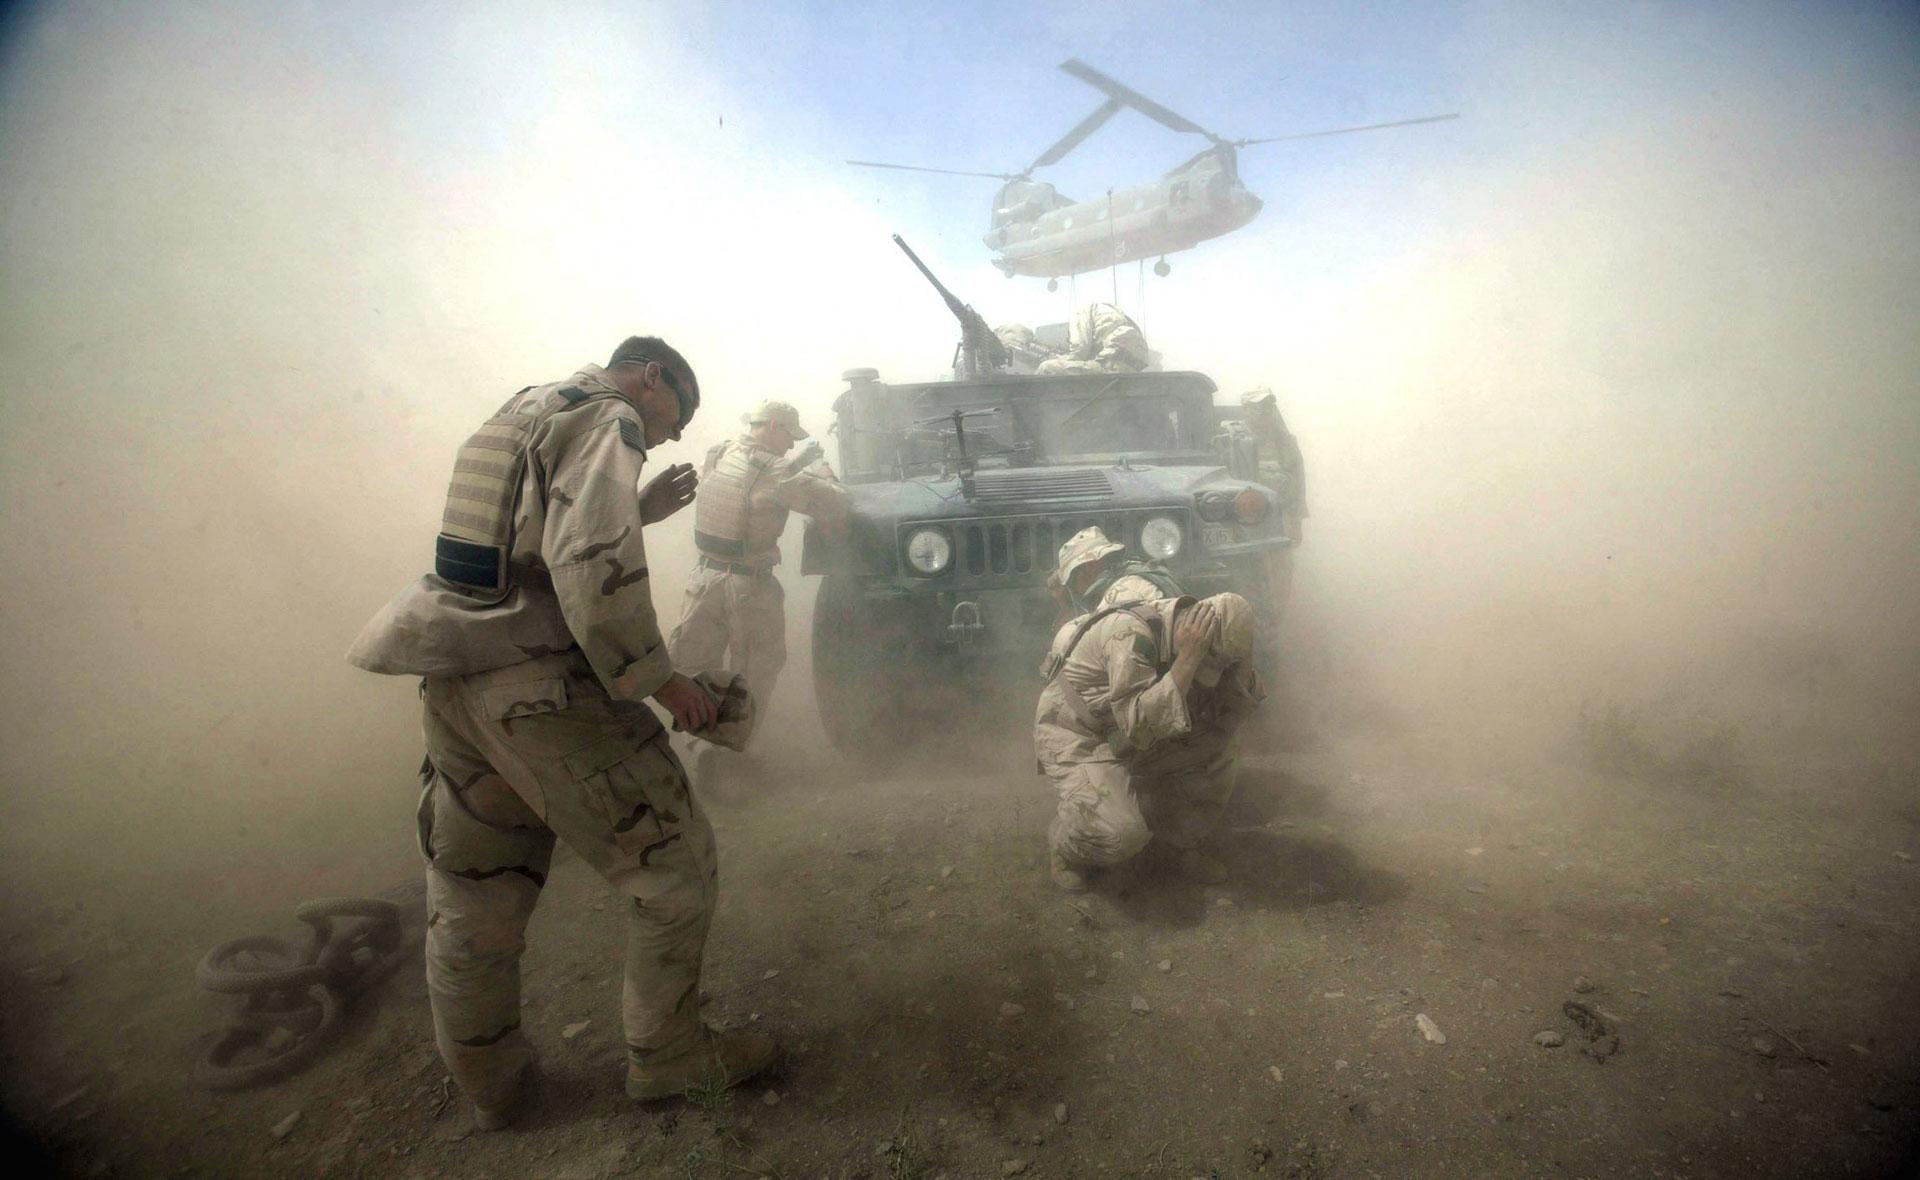 Soldados estadounidenses tratan de luchar contra el incómodo polvo que levantan los rotores del helicóptero Chinook en la provincia de Kadahar, en Afganistán